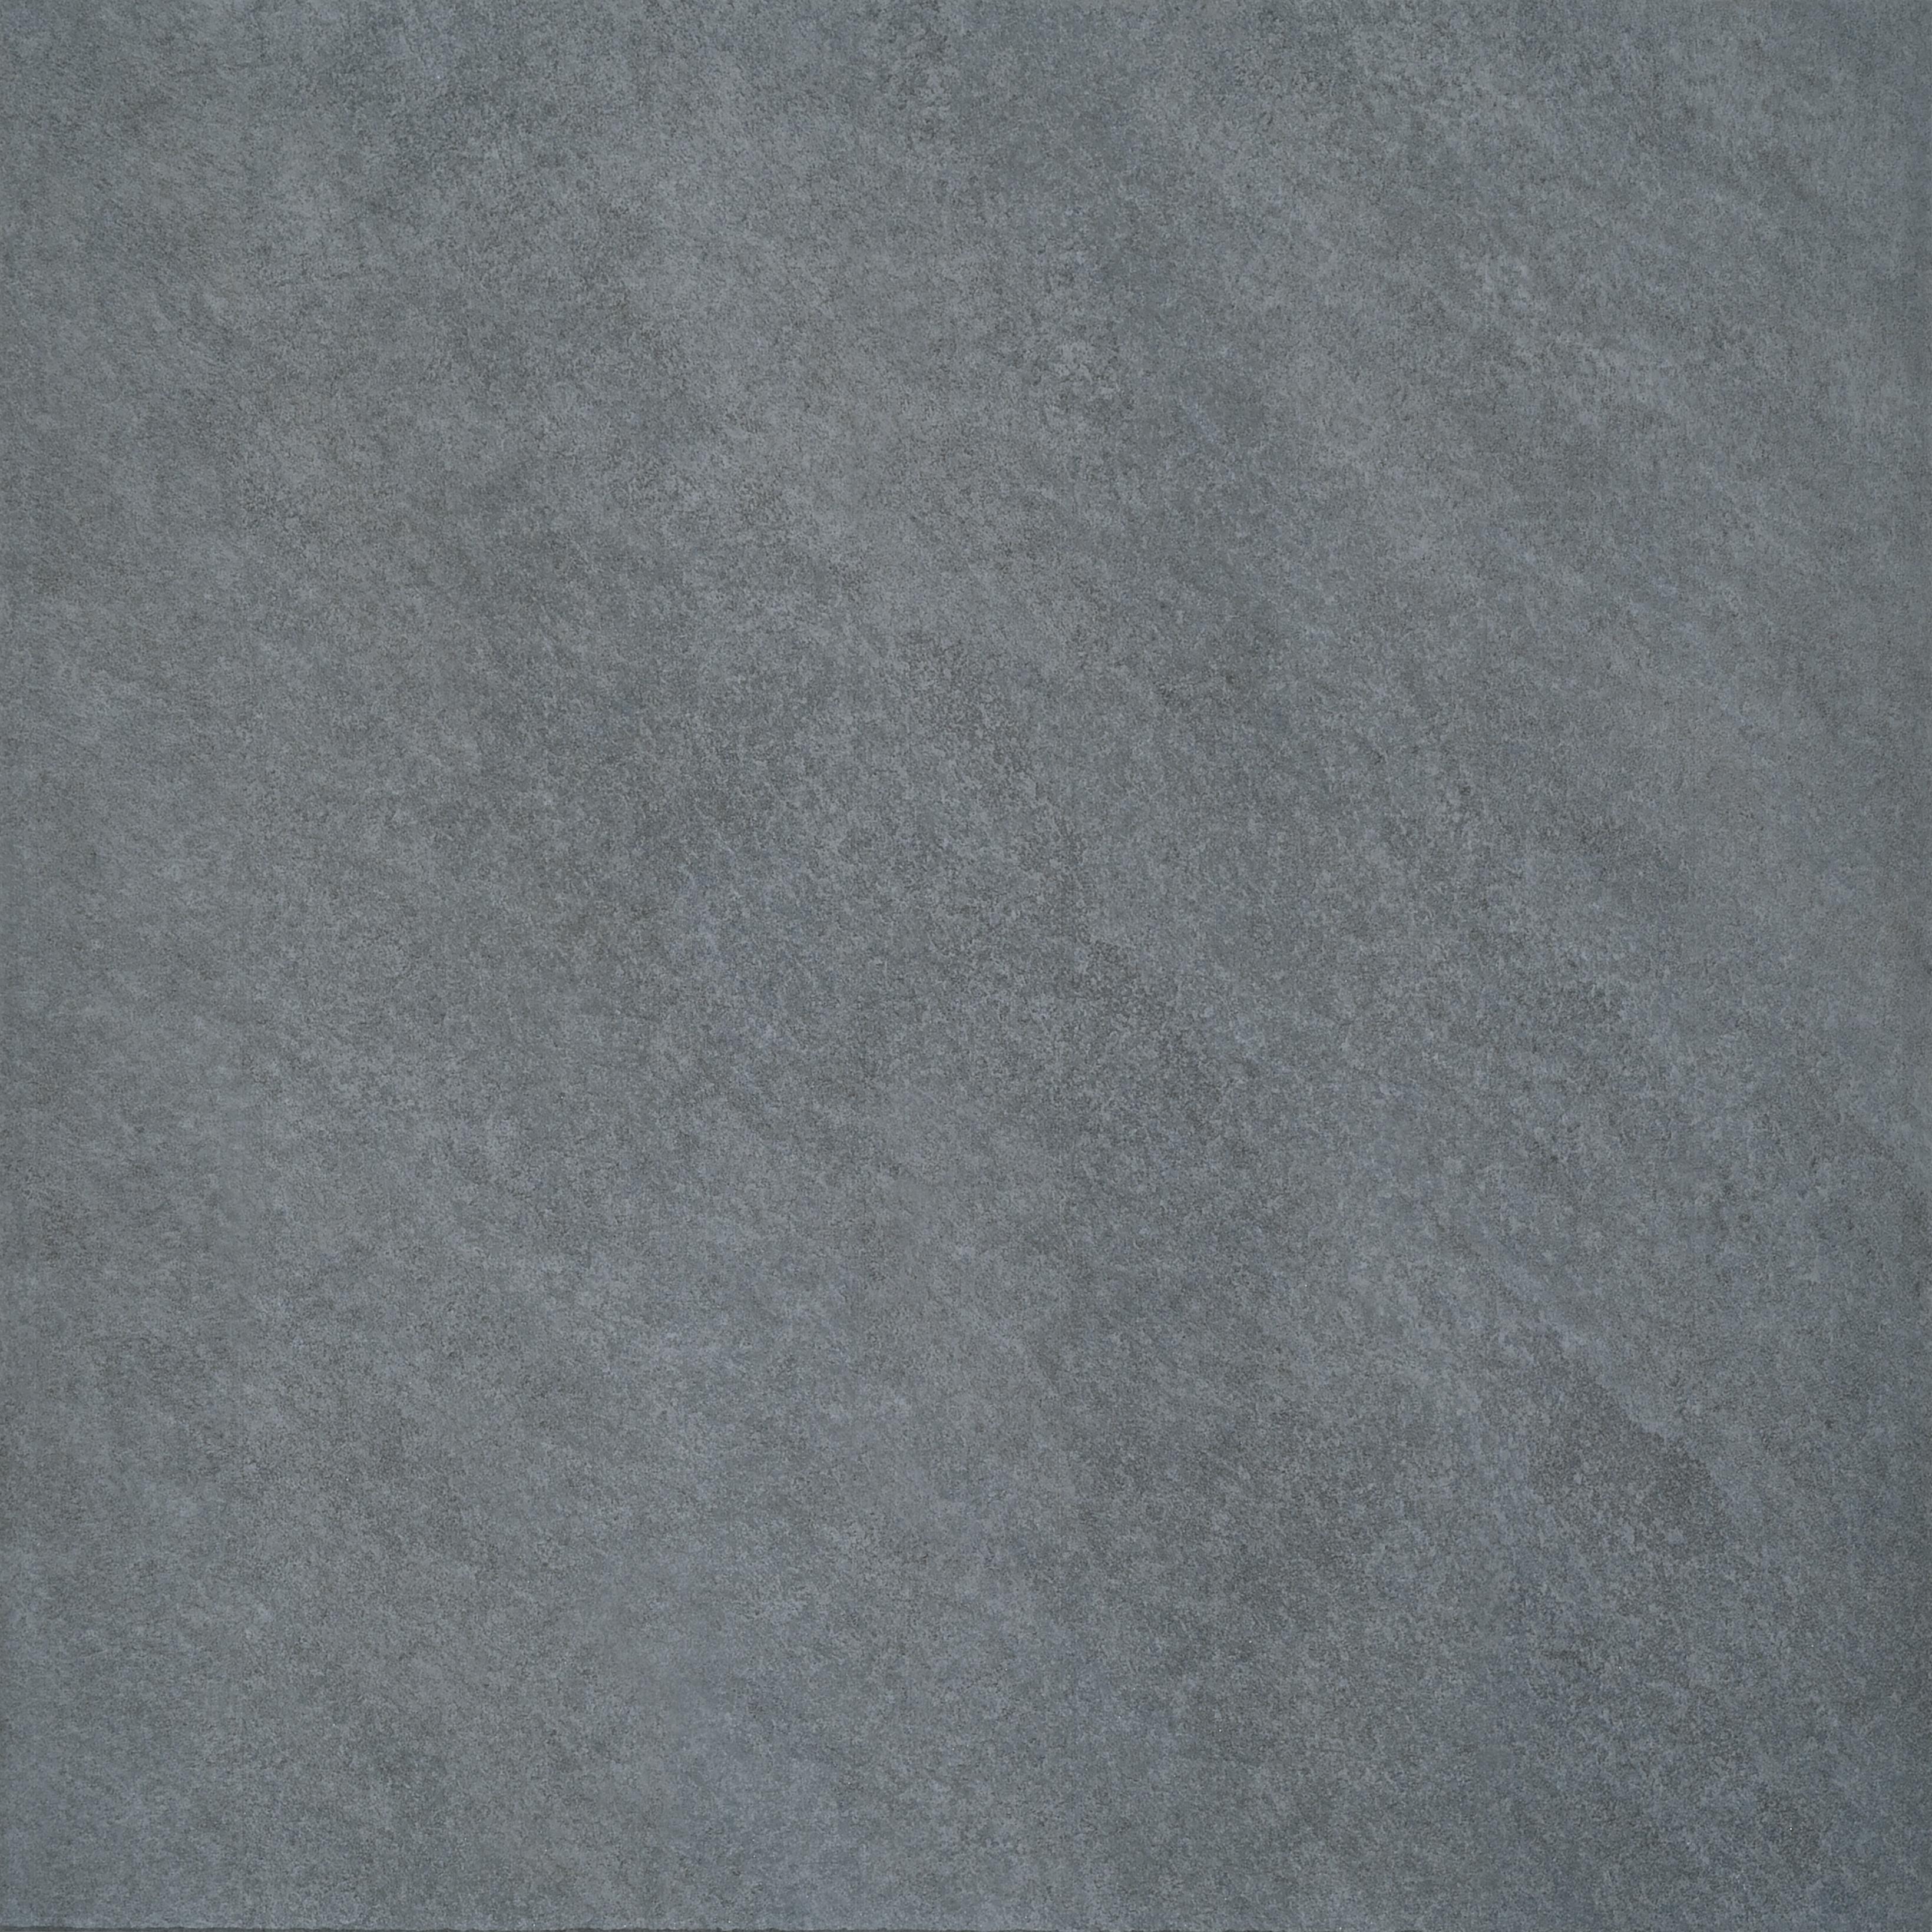 dado terrassenplatte cementi 610x610x18 mm, schwarz   www.kemmler.de